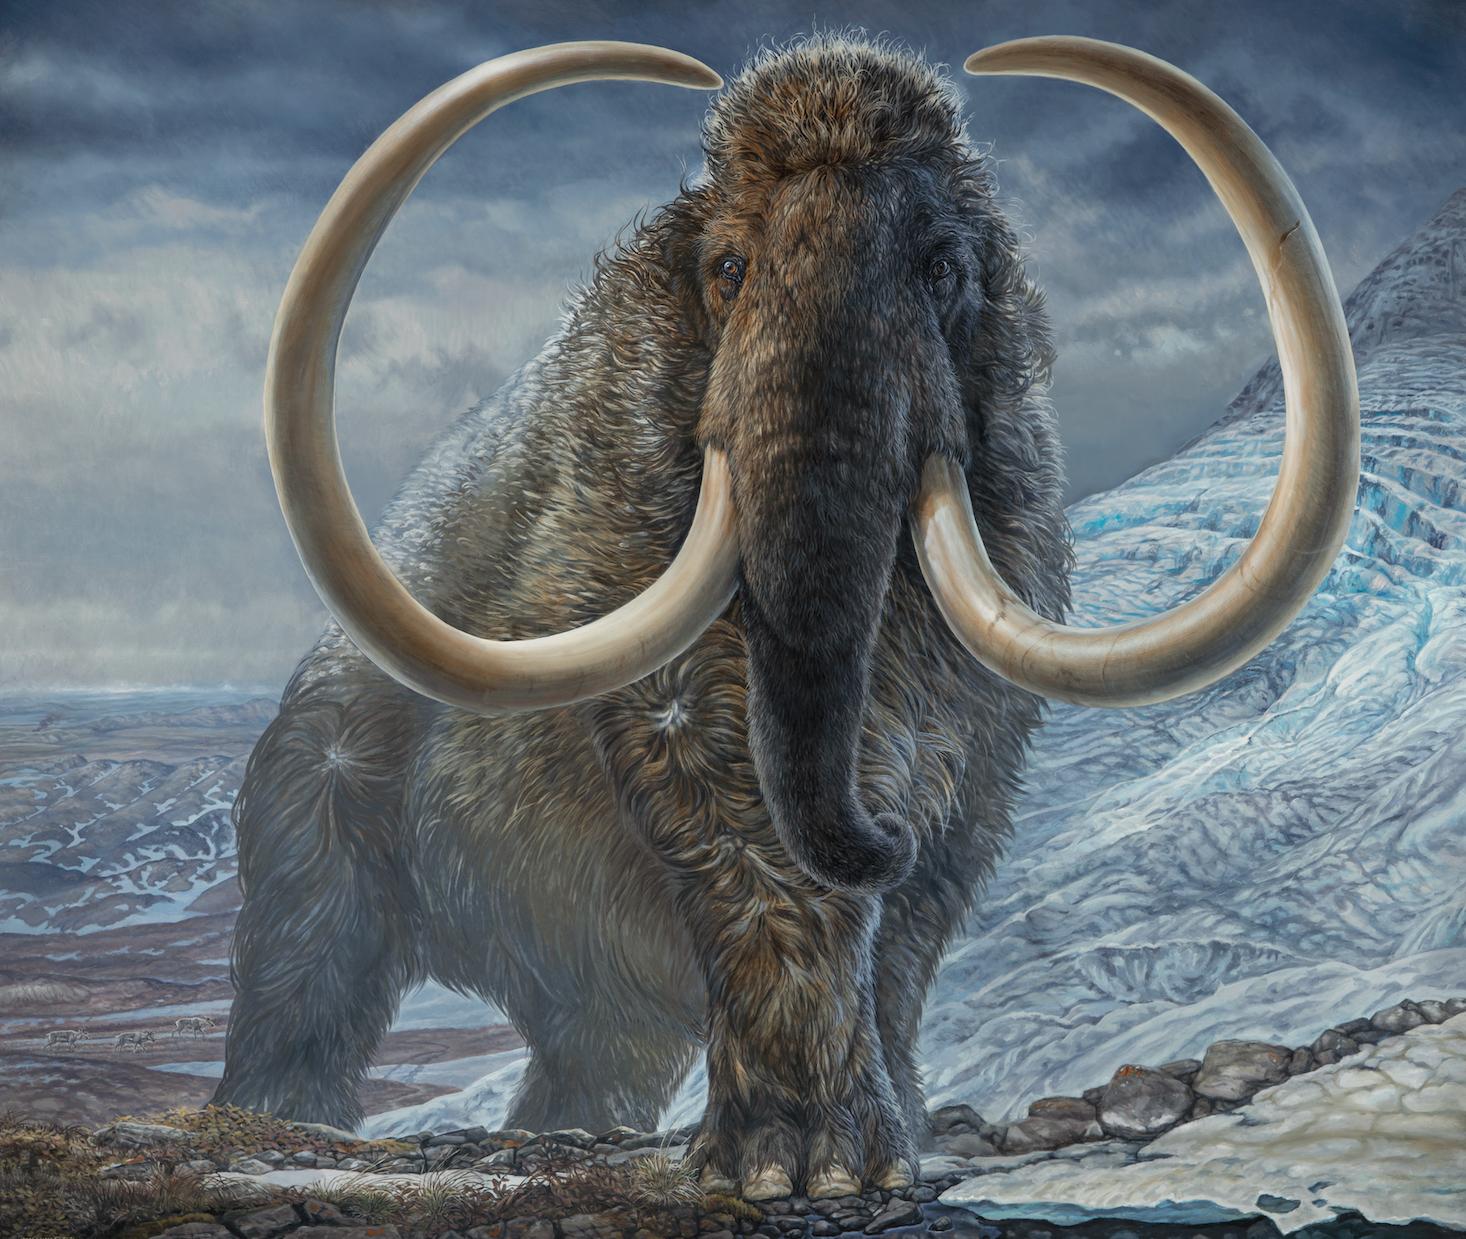 Ilustración de un mamut en el Ártico hace 17.100 años realizada a partir de una pintura del paleoartista James Havens